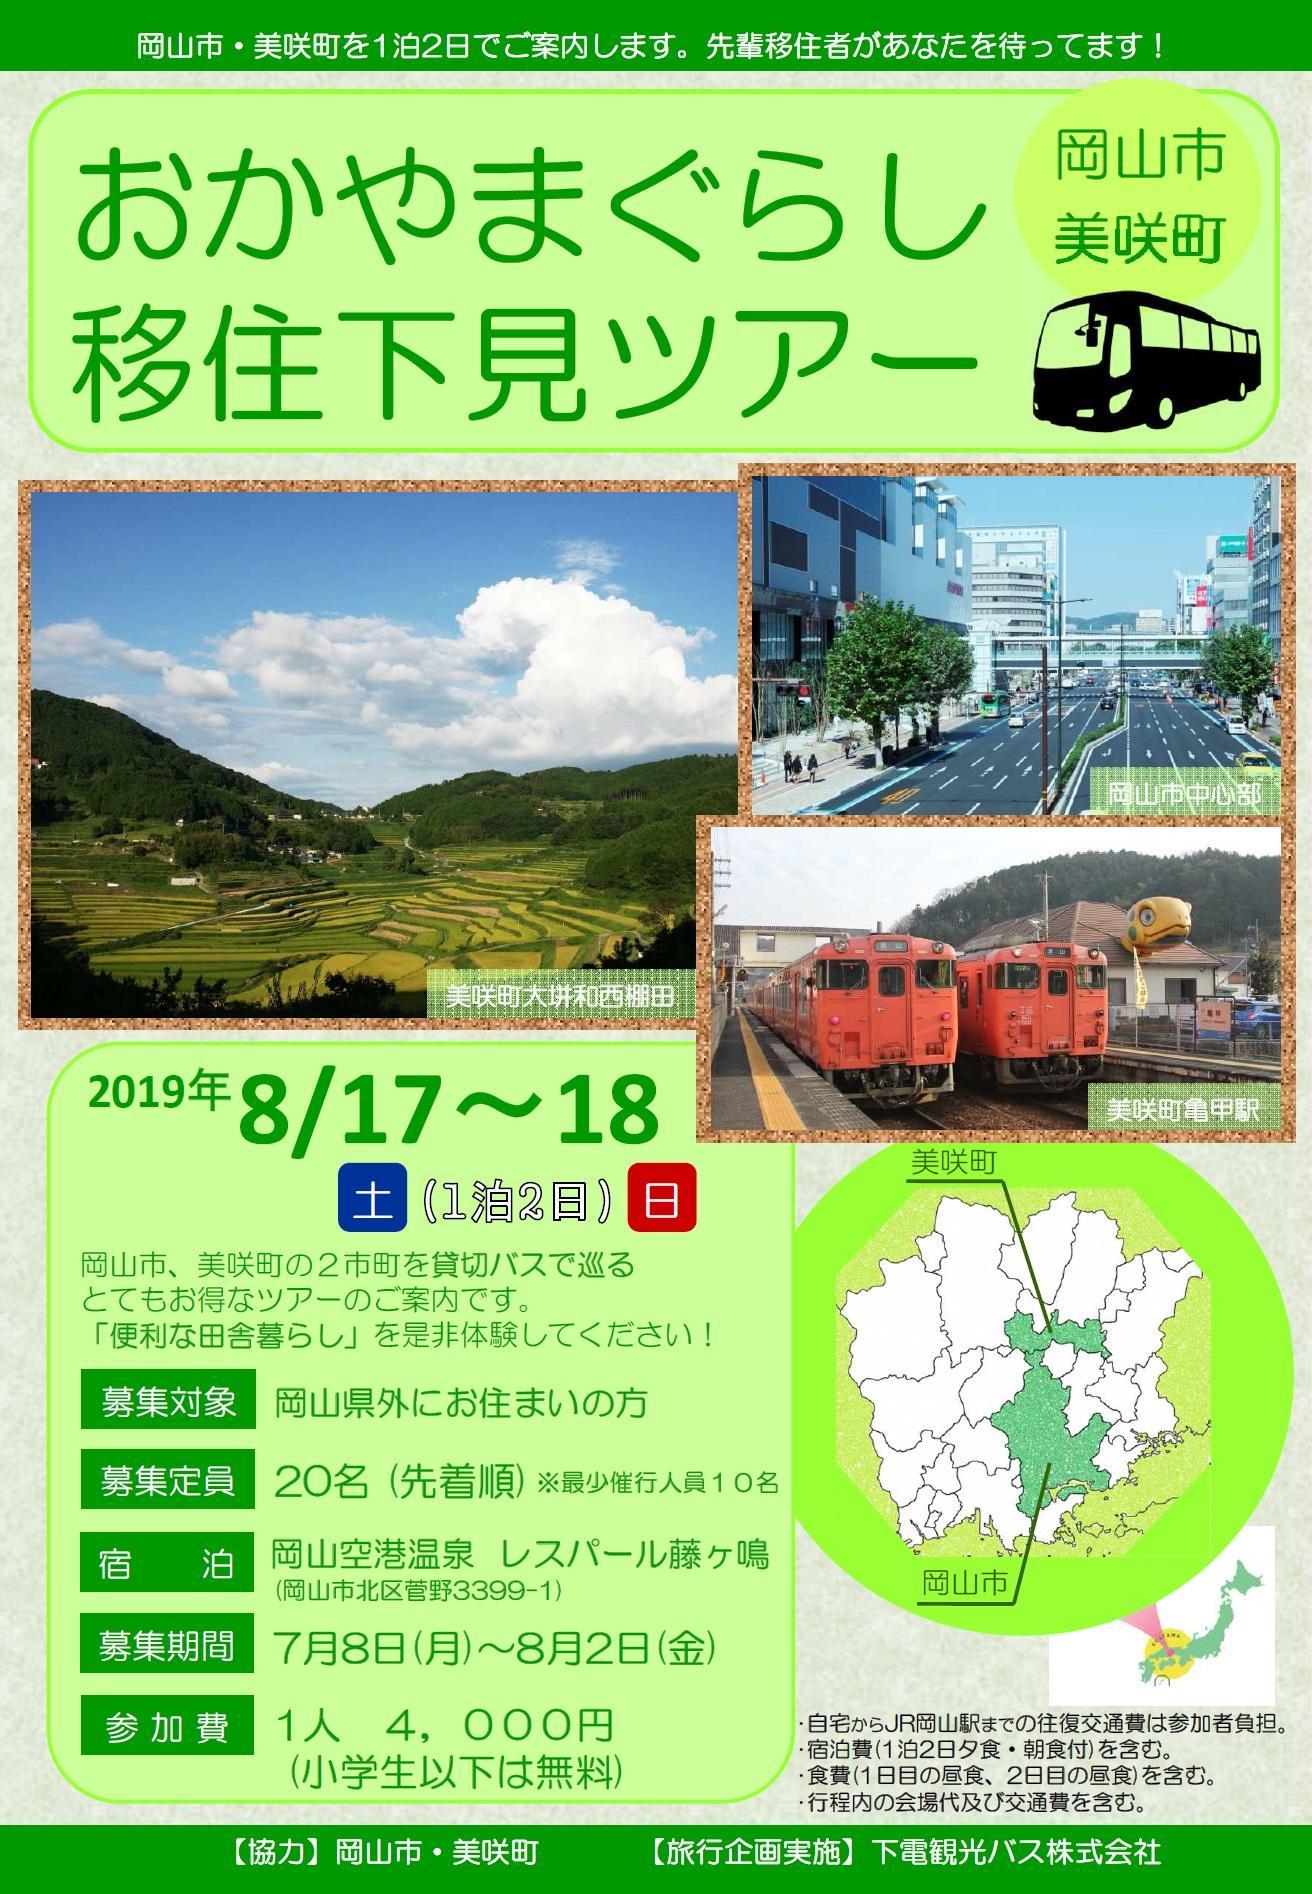 https://www.okayama-iju.jp/municipality/01okayama/8%E6%9C%88%E3%83%84%E3%82%A2%E3%83%BC%EF%BC%92%EF%BC%88%E8%A1%A8%EF%BC%89.jpg